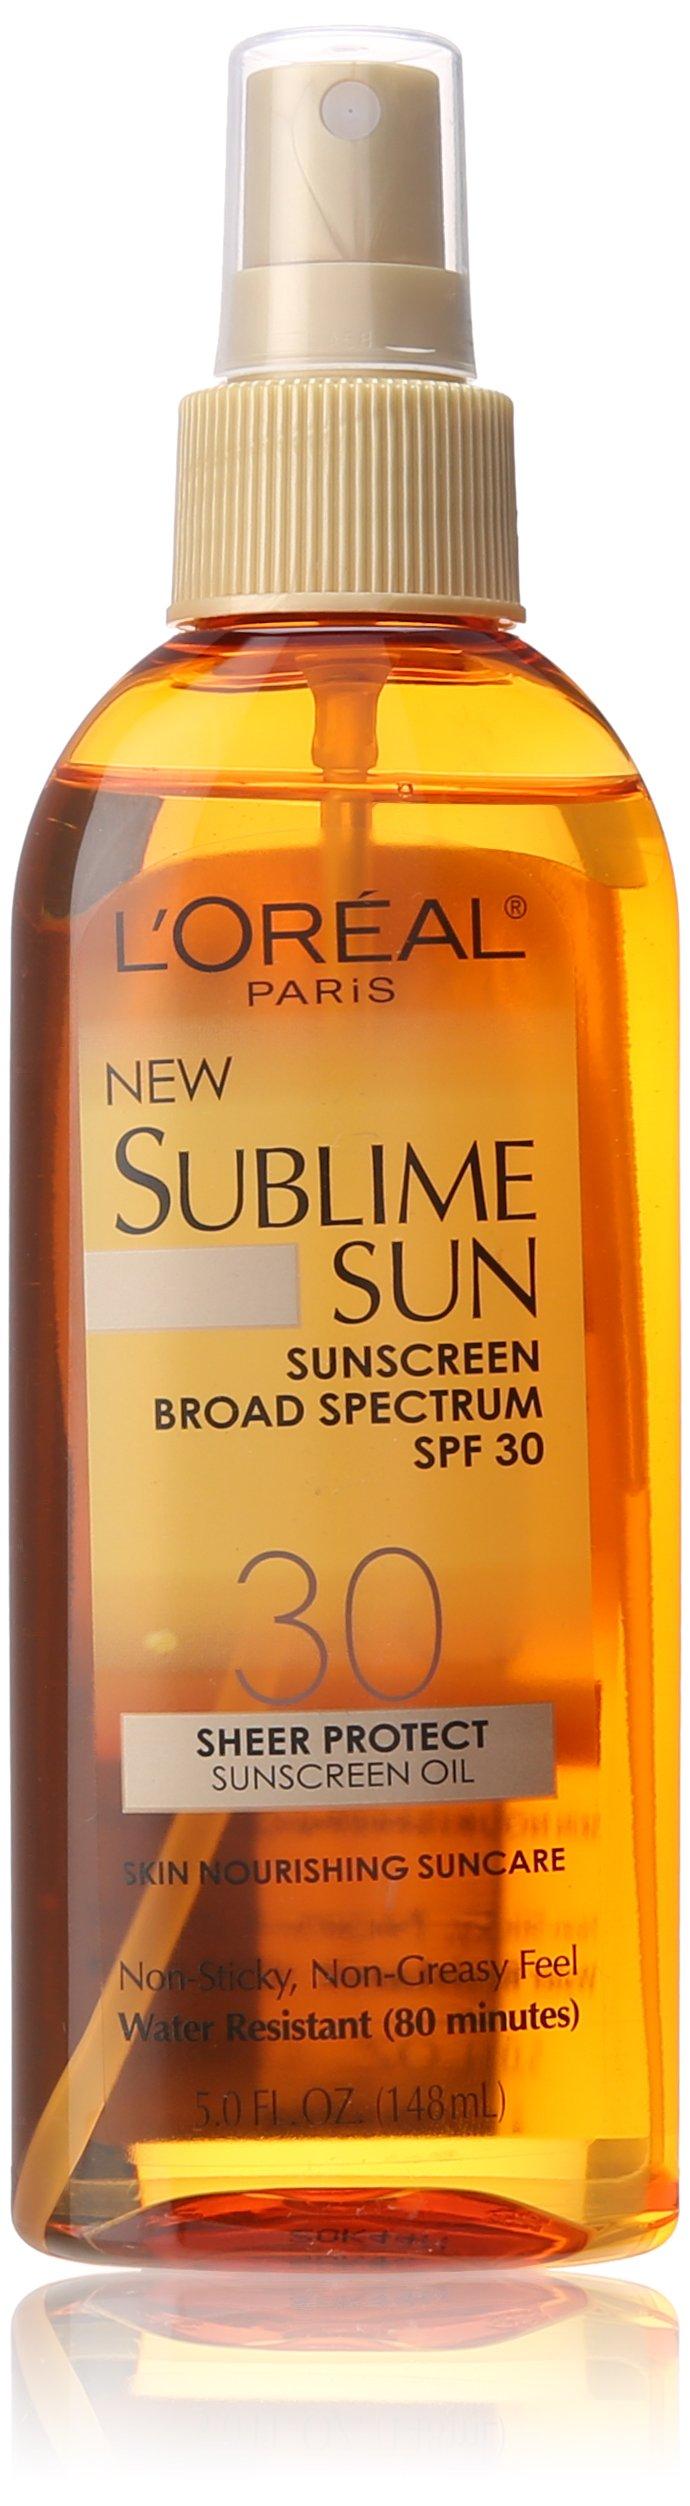 L'Oreal Paris Sublime Sun Sheer Protect SPF 30 Oil Spray, 5.0 Fluid Ounce